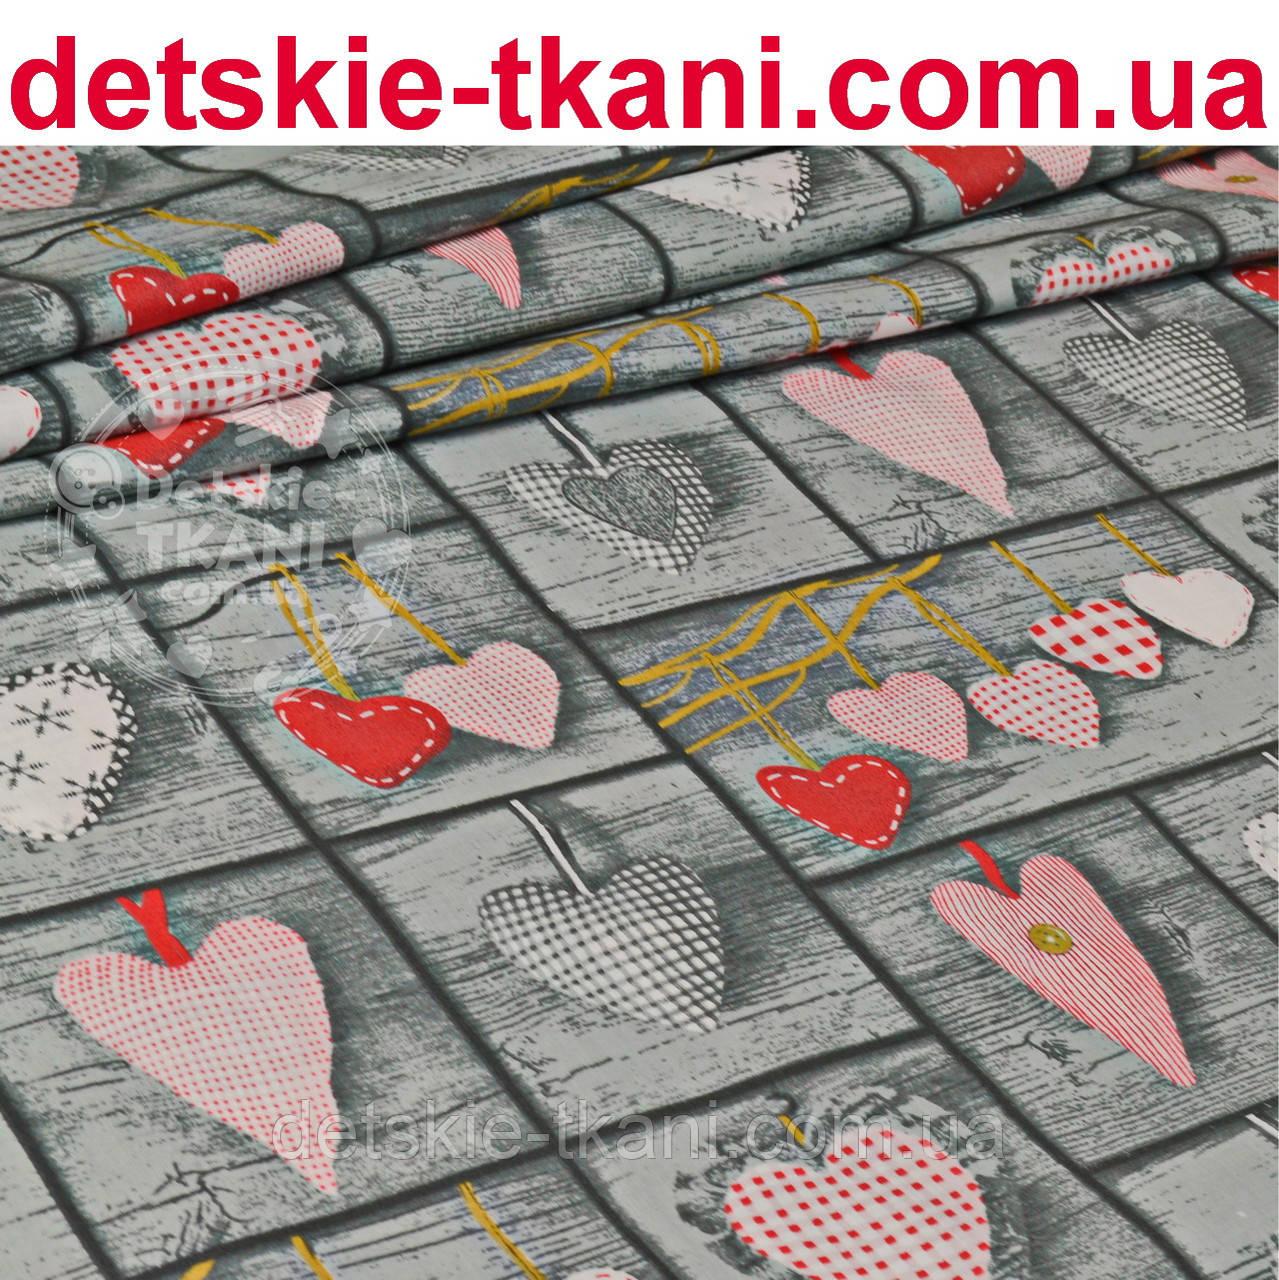 Бязь с сердцами Тильды красного цвета в стиле пэчворк (№110а) - Детские ткани оптом и в розницу в Волынской области